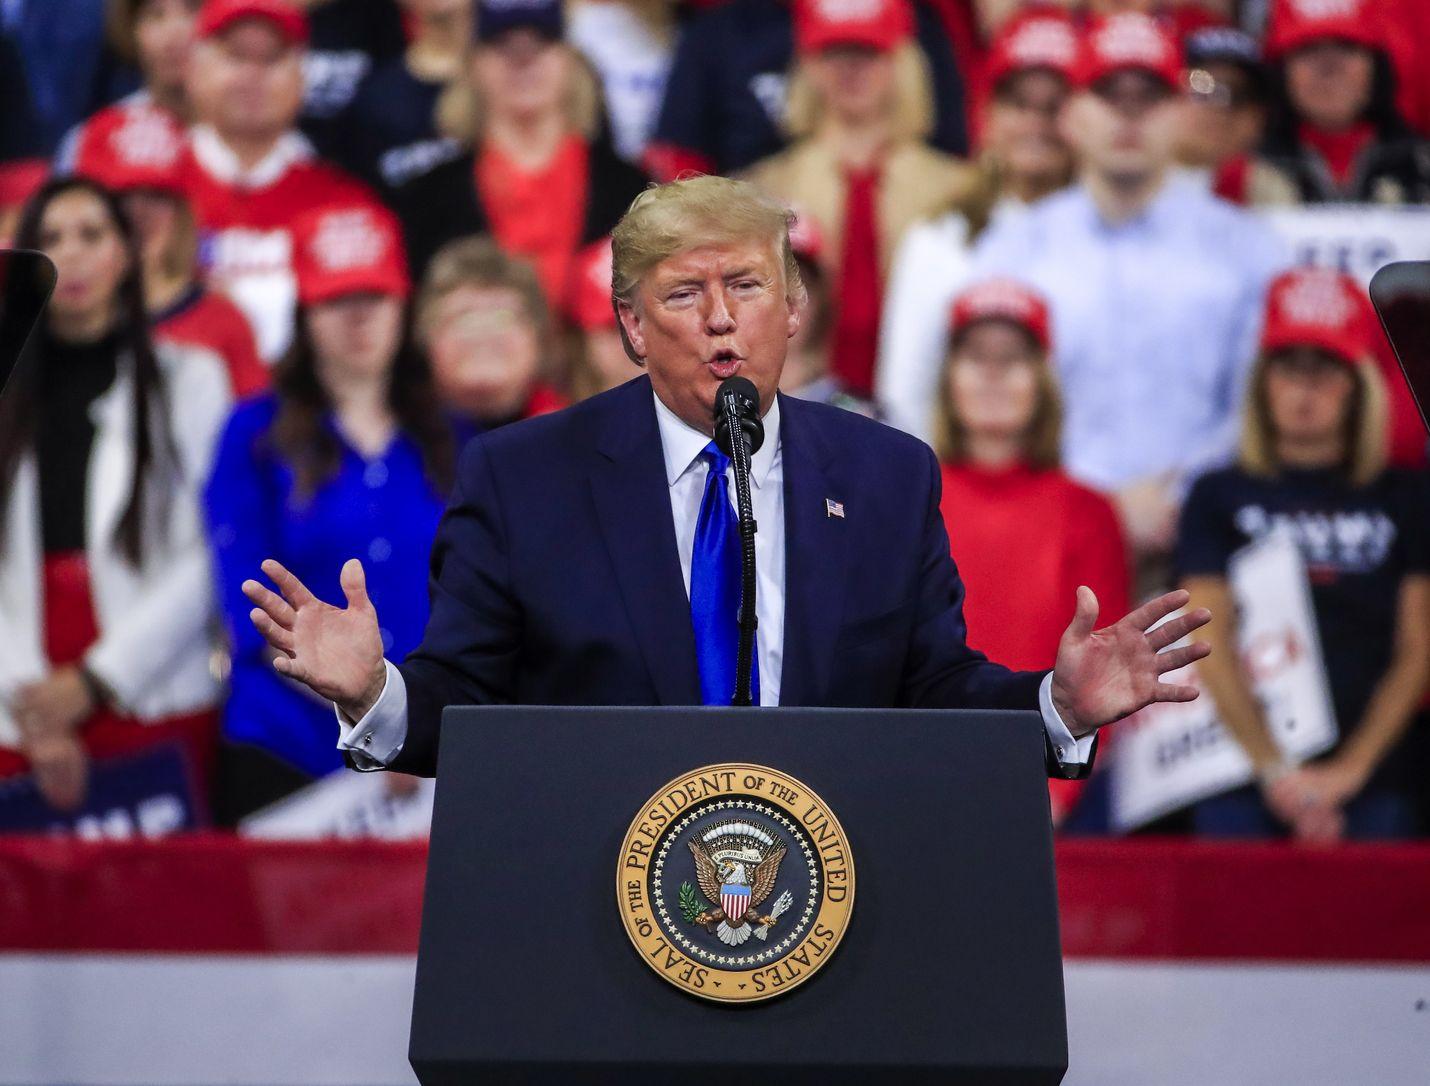 Yhdysvaltain presidentti Donald Trump aikoo vierailla lähiaikoina Kiinassa kauppasovun kunniaksi.